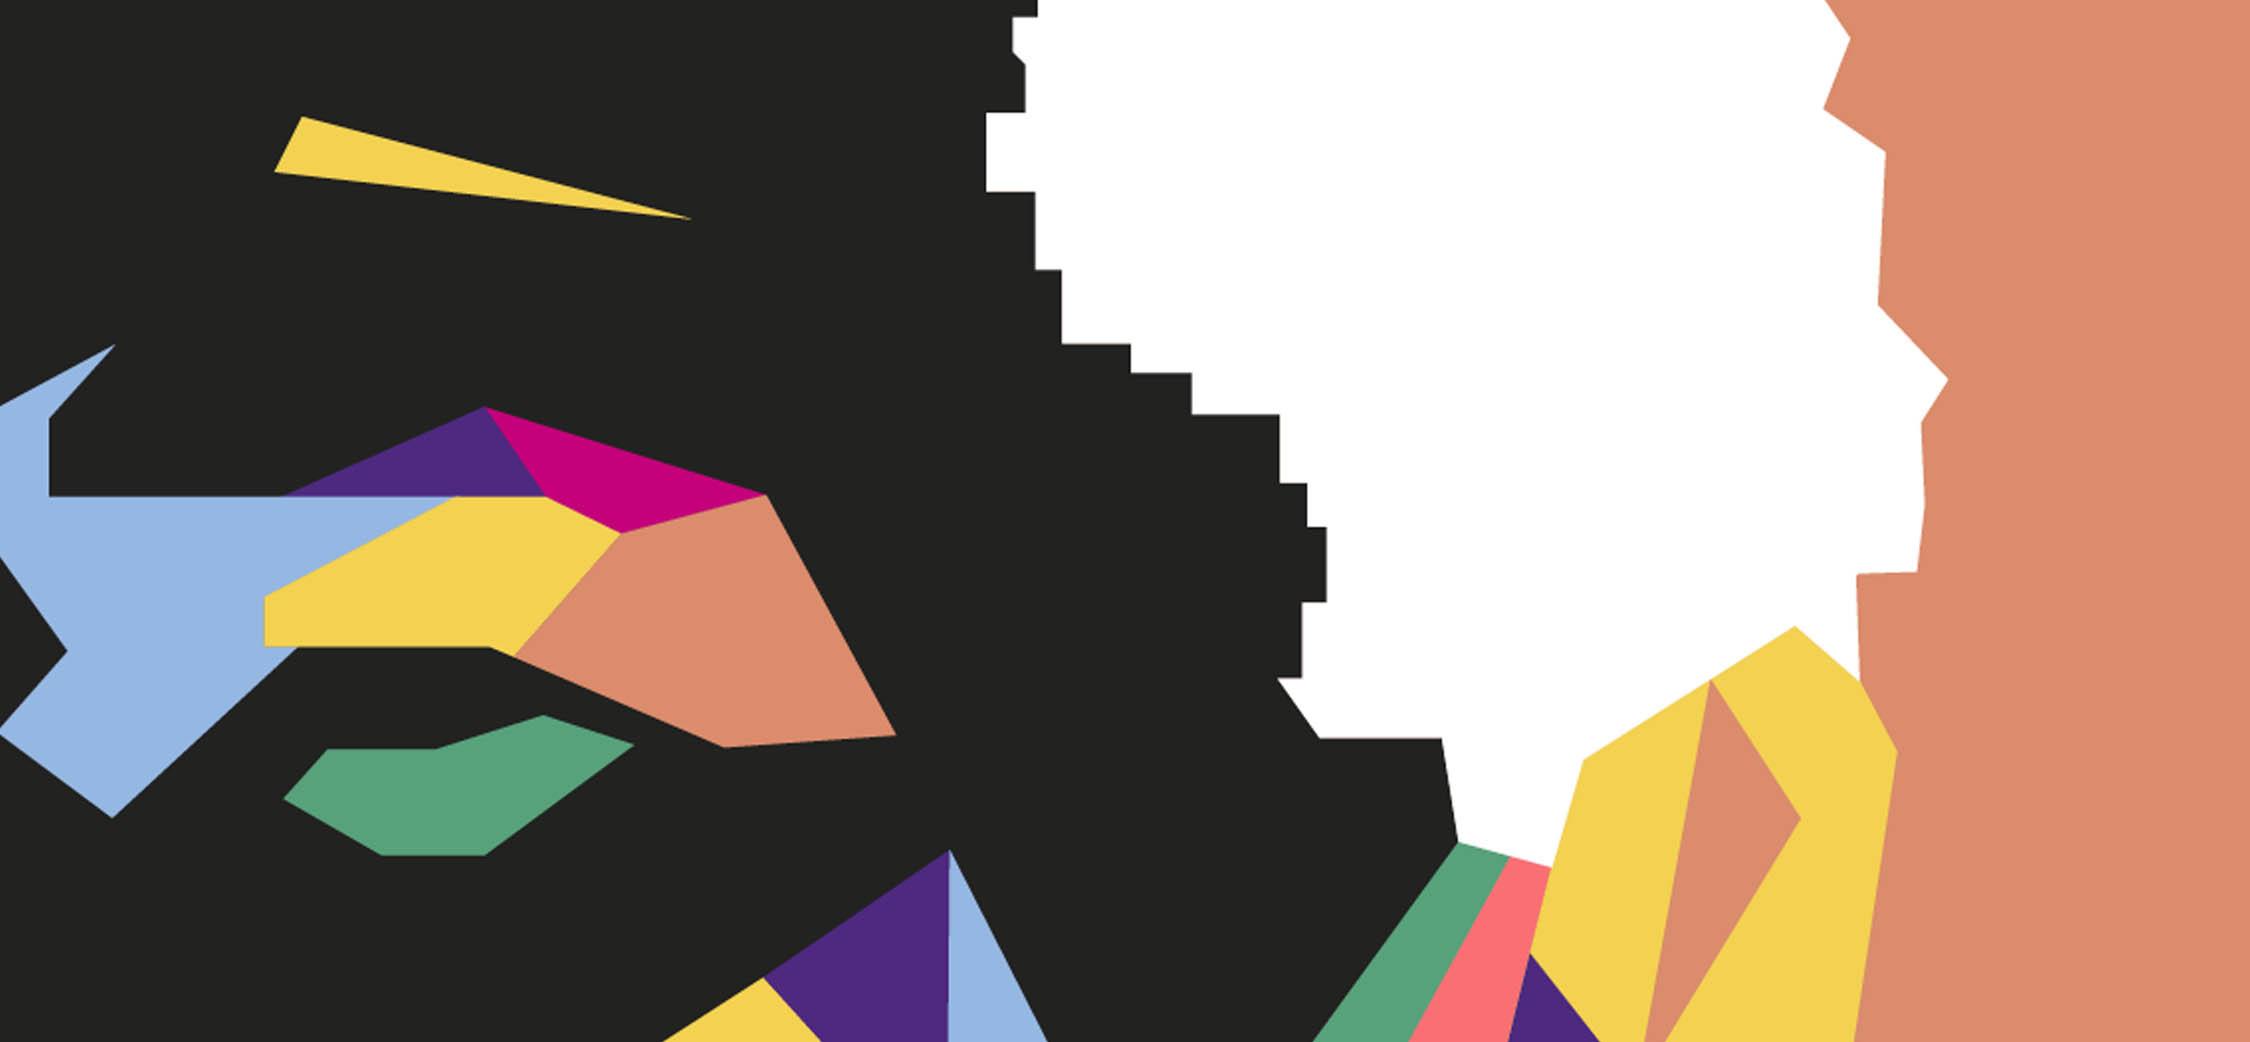 Orione n. 20 - Periferie - Fondazione Sinapsi - Omaggio a Nelson Mandela, illustrazione di Bruna Pallante.